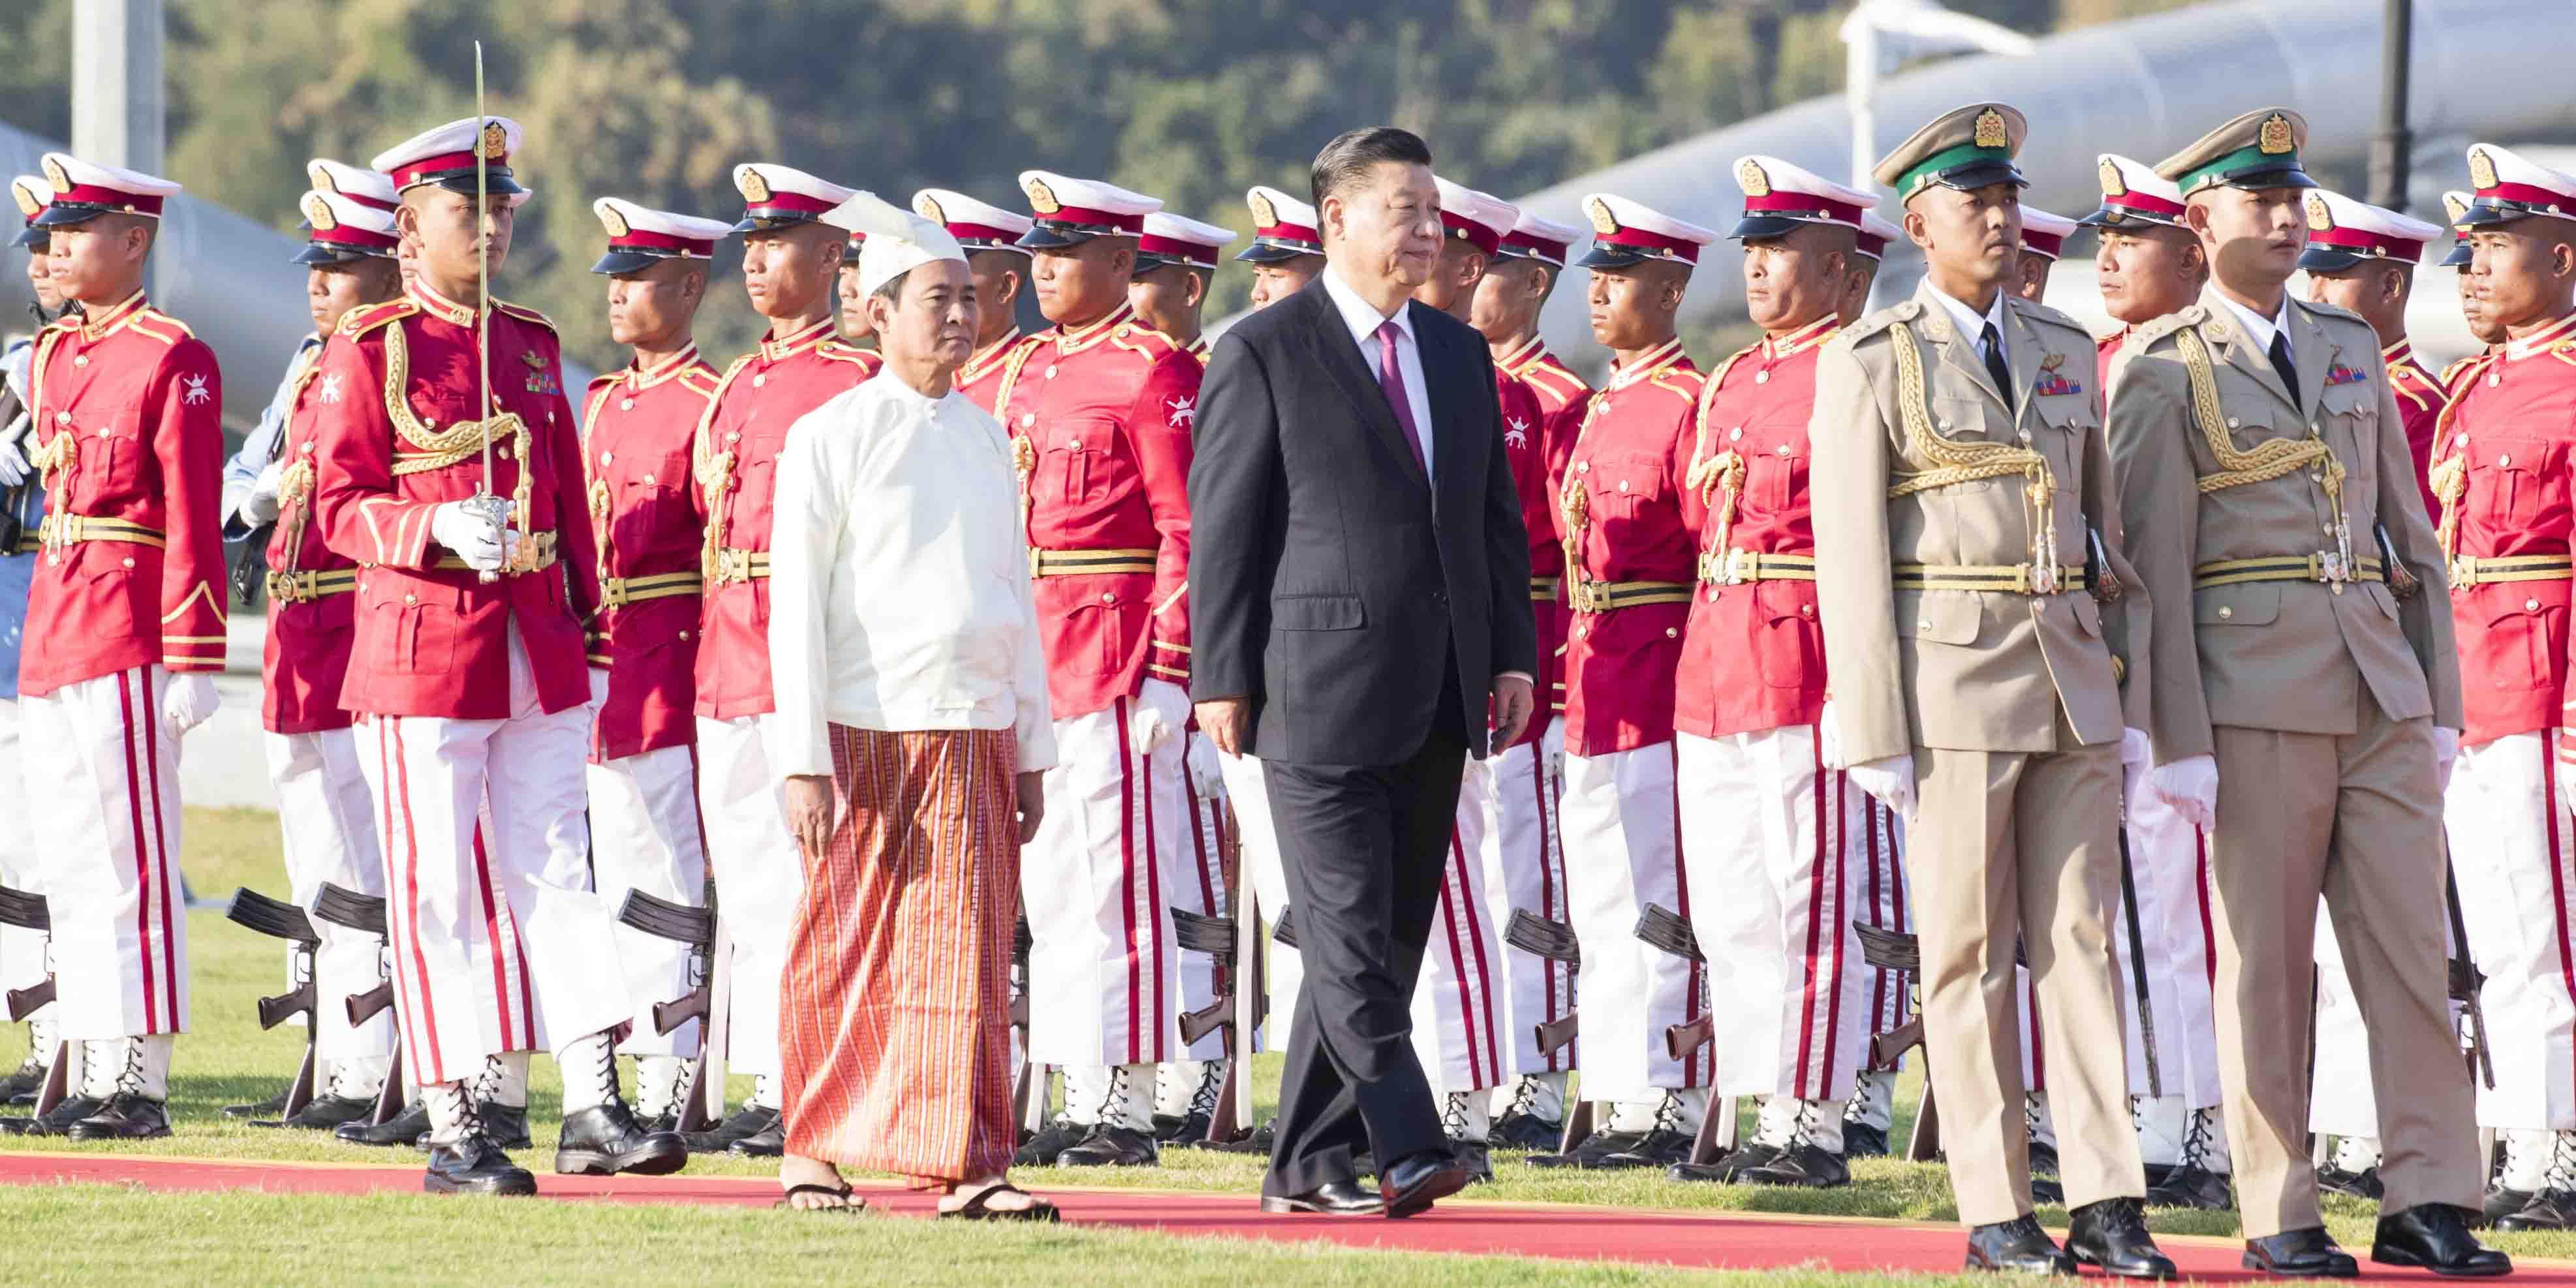 Xi participa do banquete de recepção hospedado pelo presidente de Mianmar